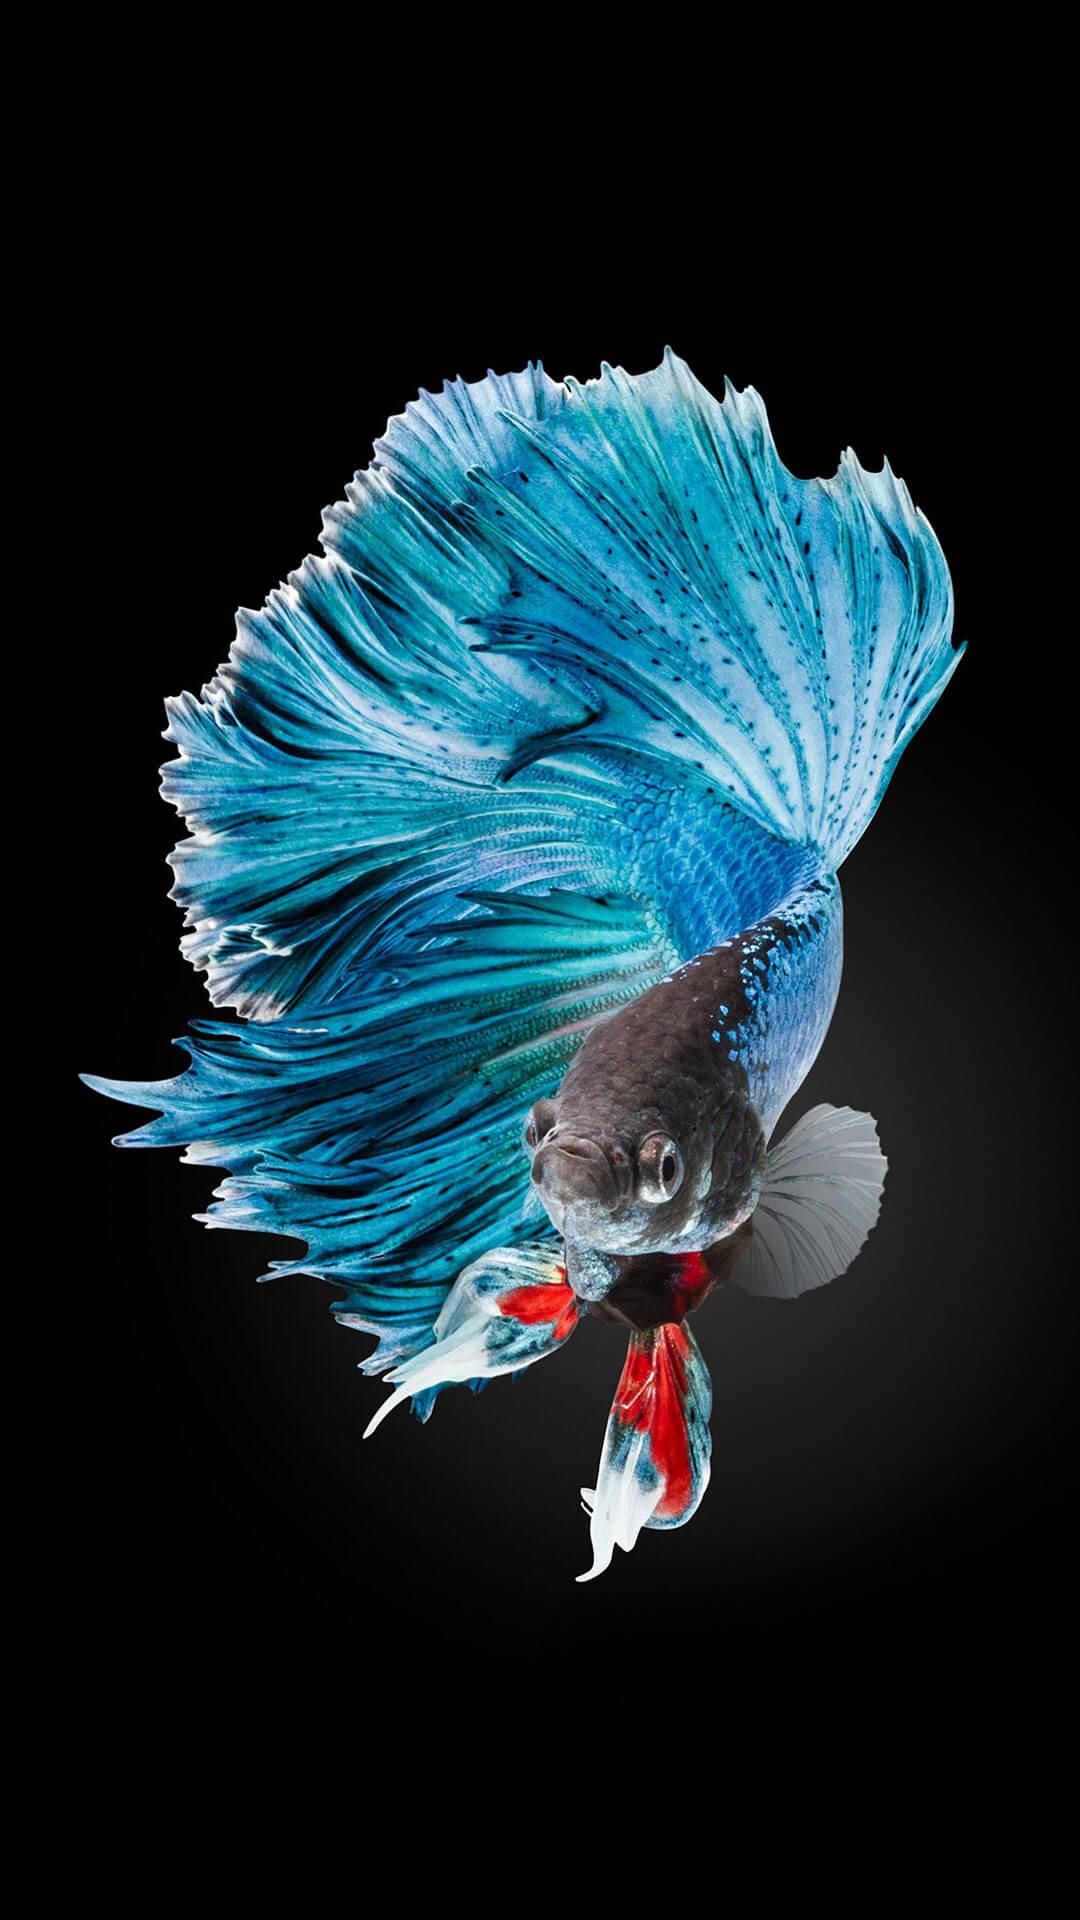 Koi Fish Wallpaper (59+ images)